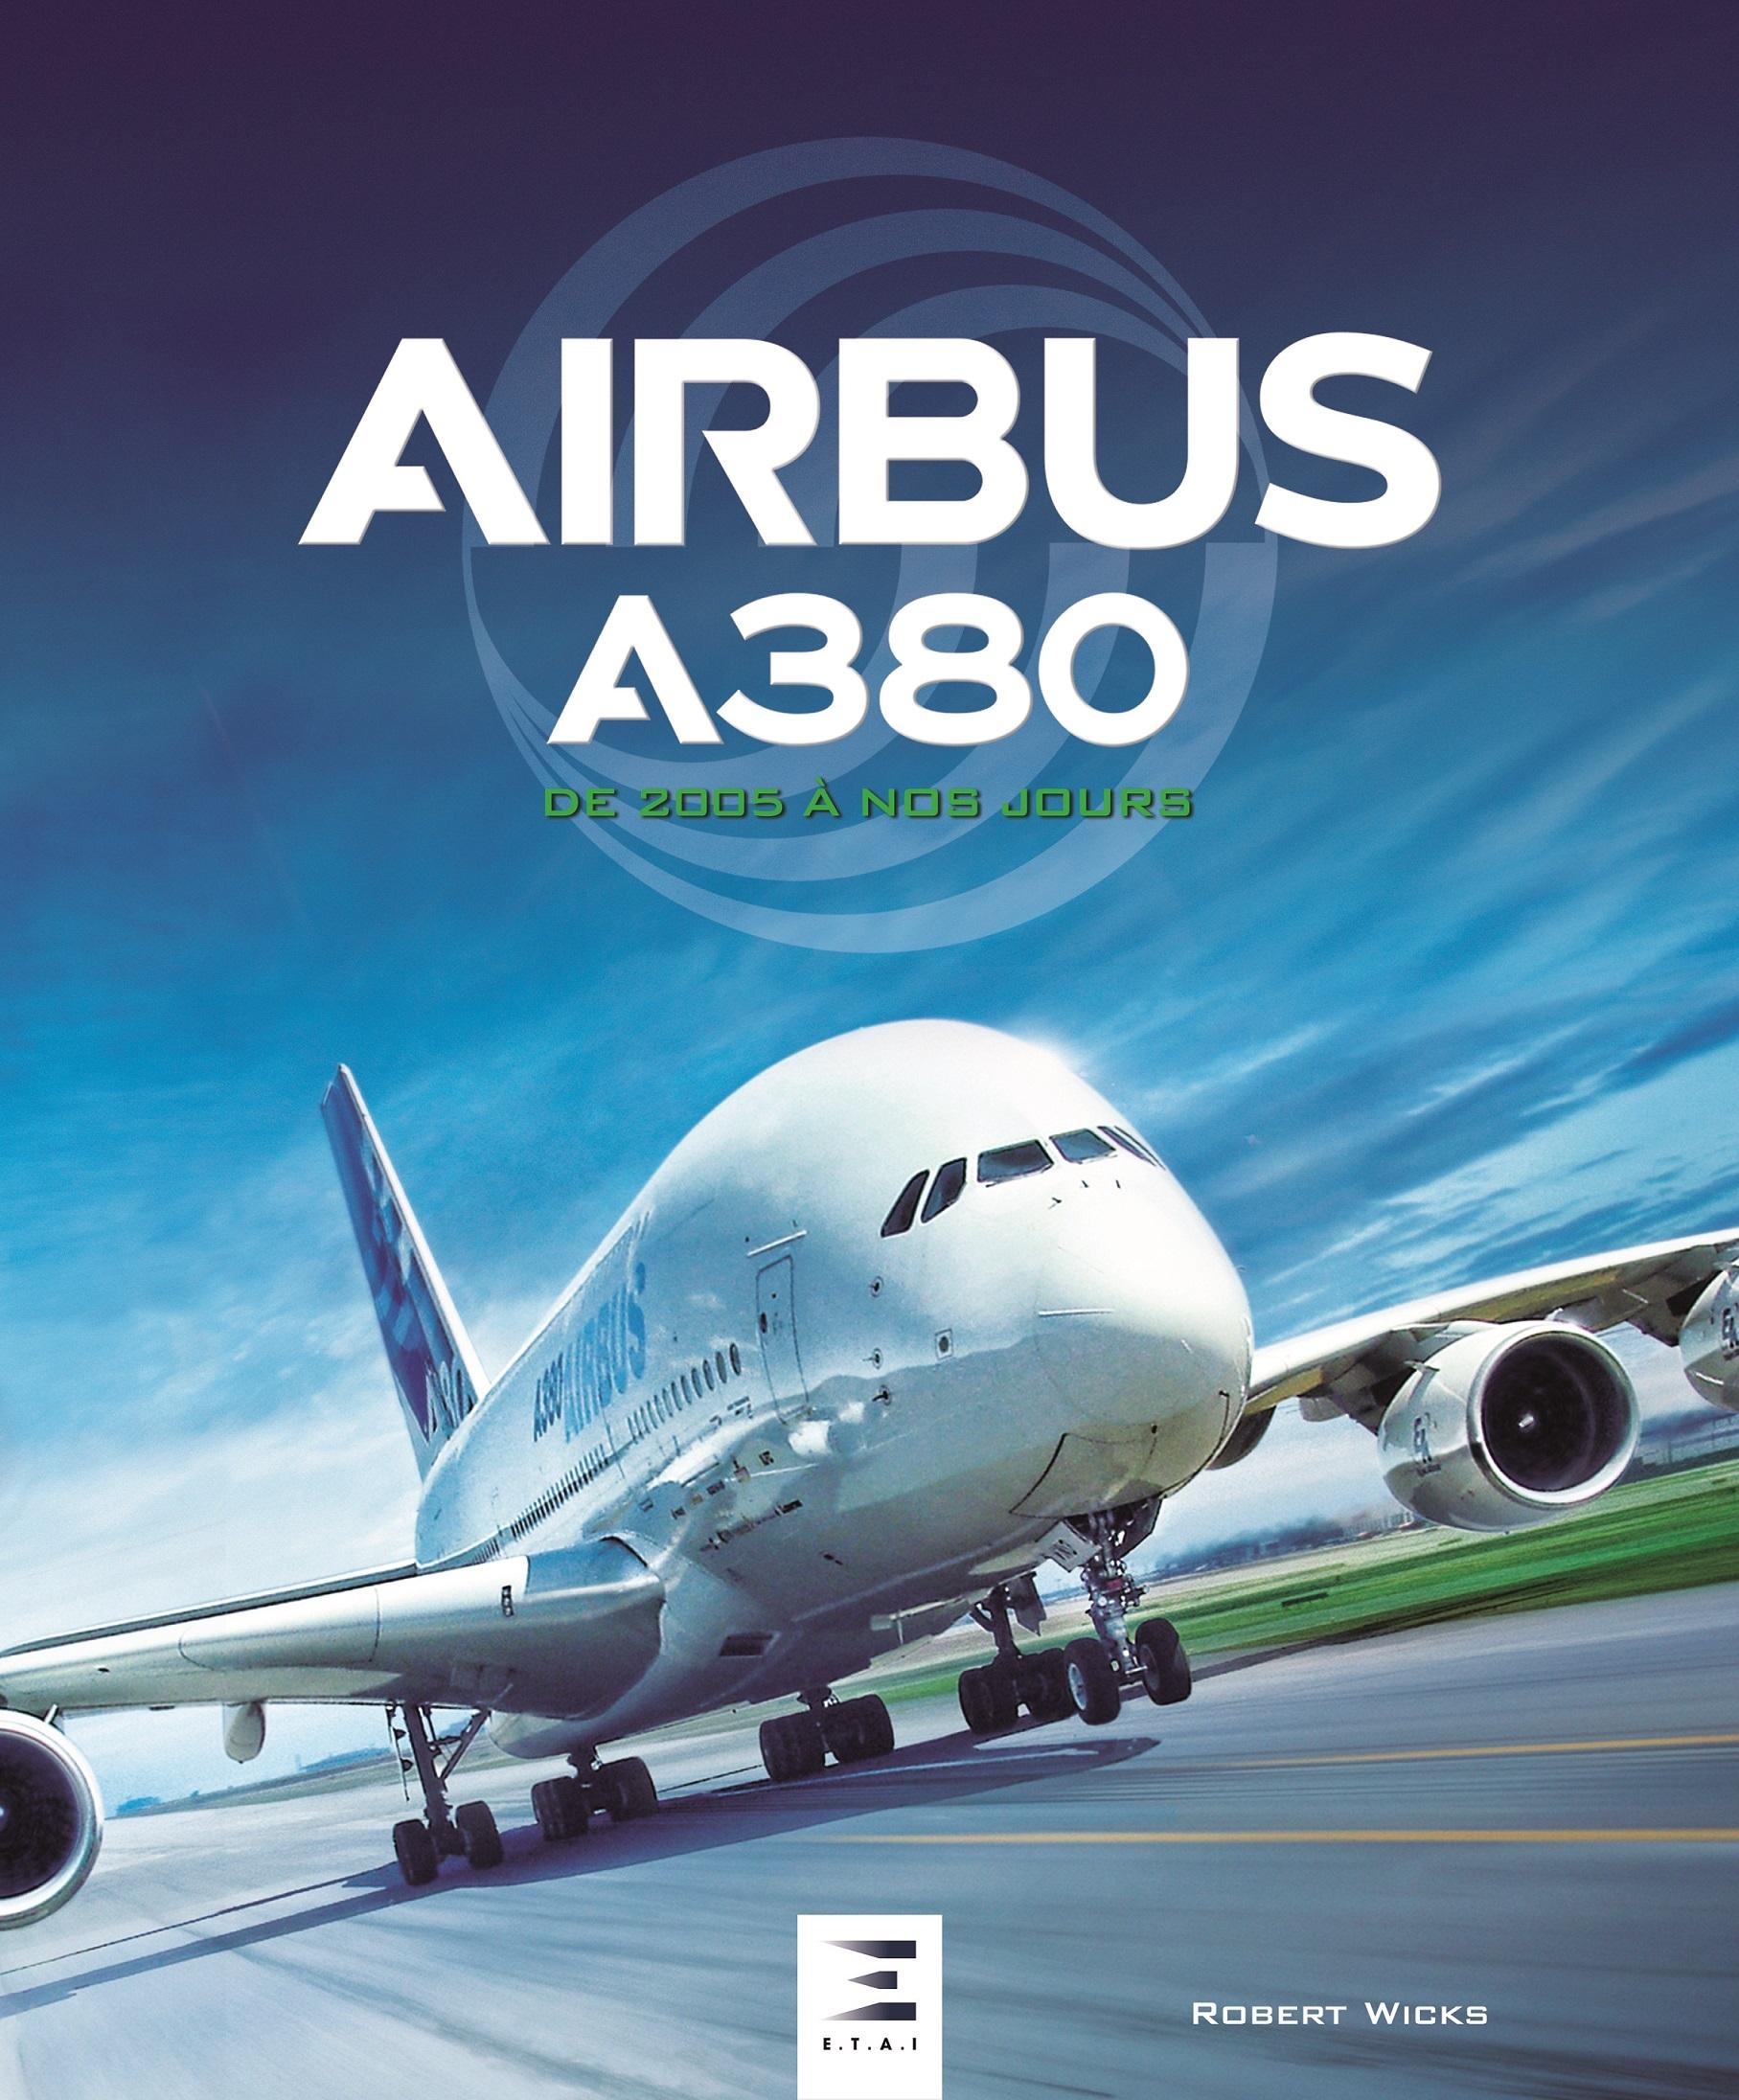 AIRBUS A380 DE 2005 A NOS JOURS